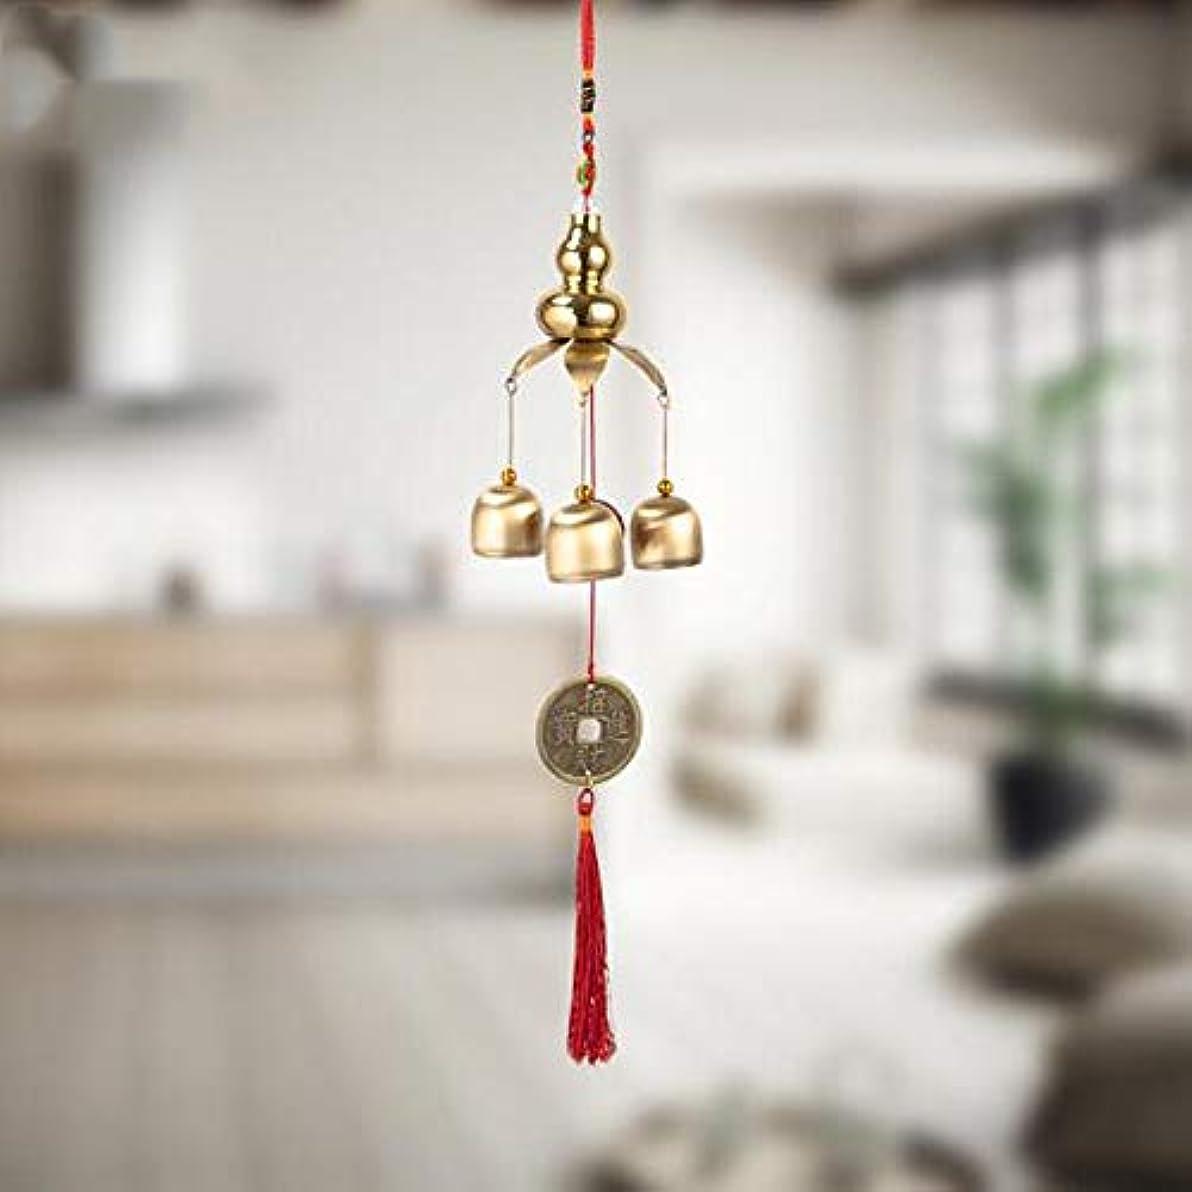 広告主キウイキャンベラHongyuantongxun 風チャイム、クリエイティブ?銅ひょうたんホームデコレーション風チャイム、ゴールド、約45CMの長さの合計,、装飾品ペンダント (Color : A)